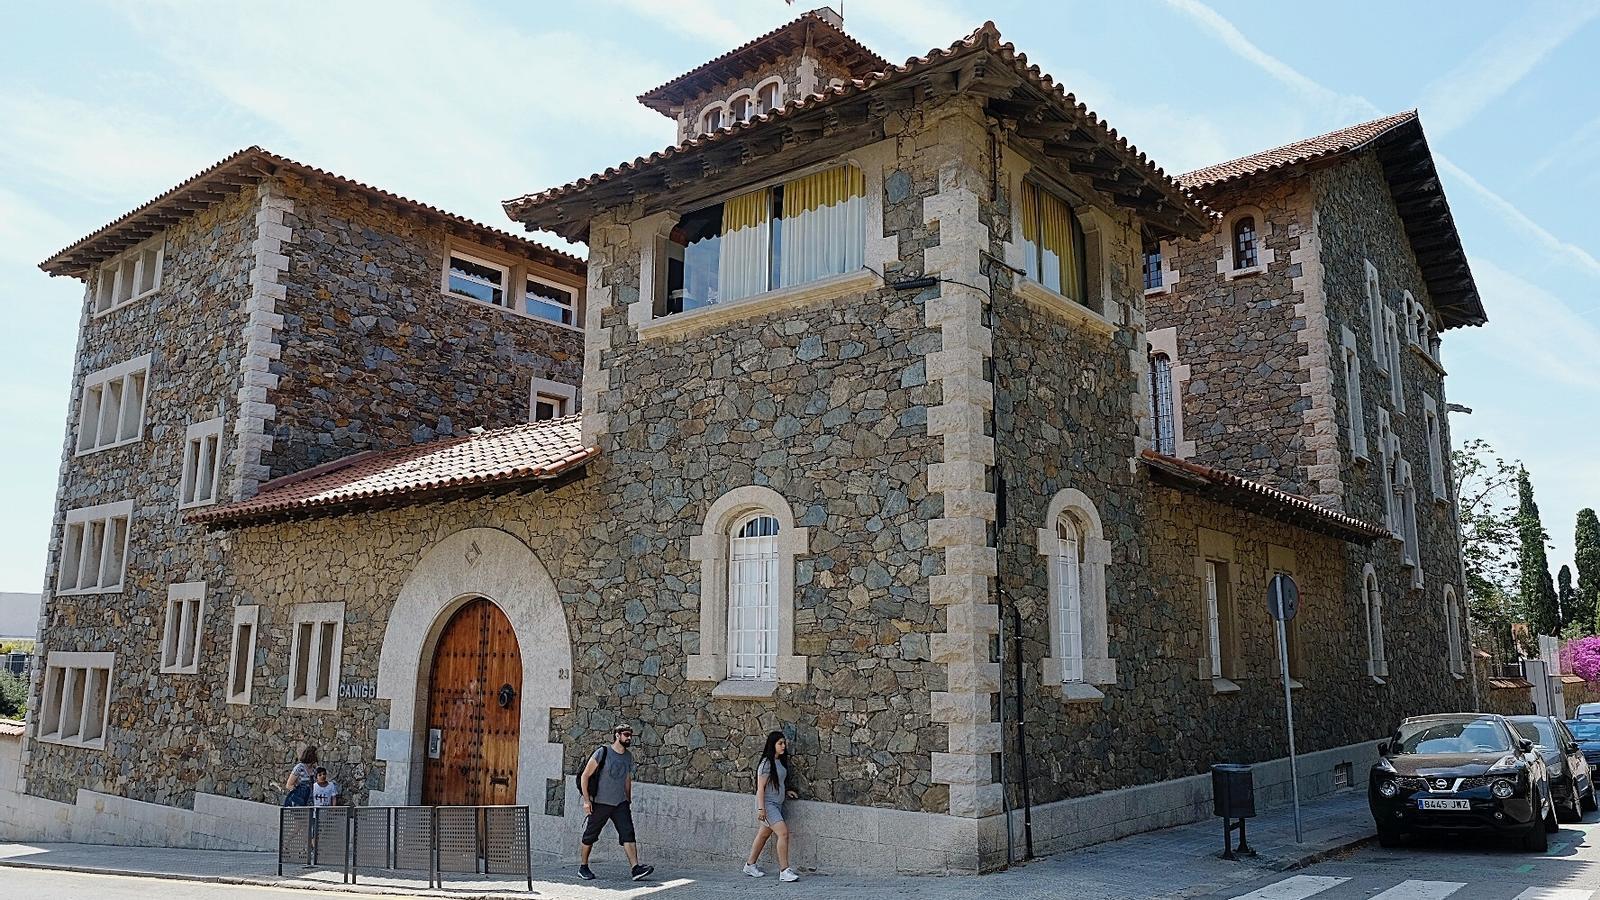 Mestra i alumnes eren de l'escola Canigó, de Barcelona